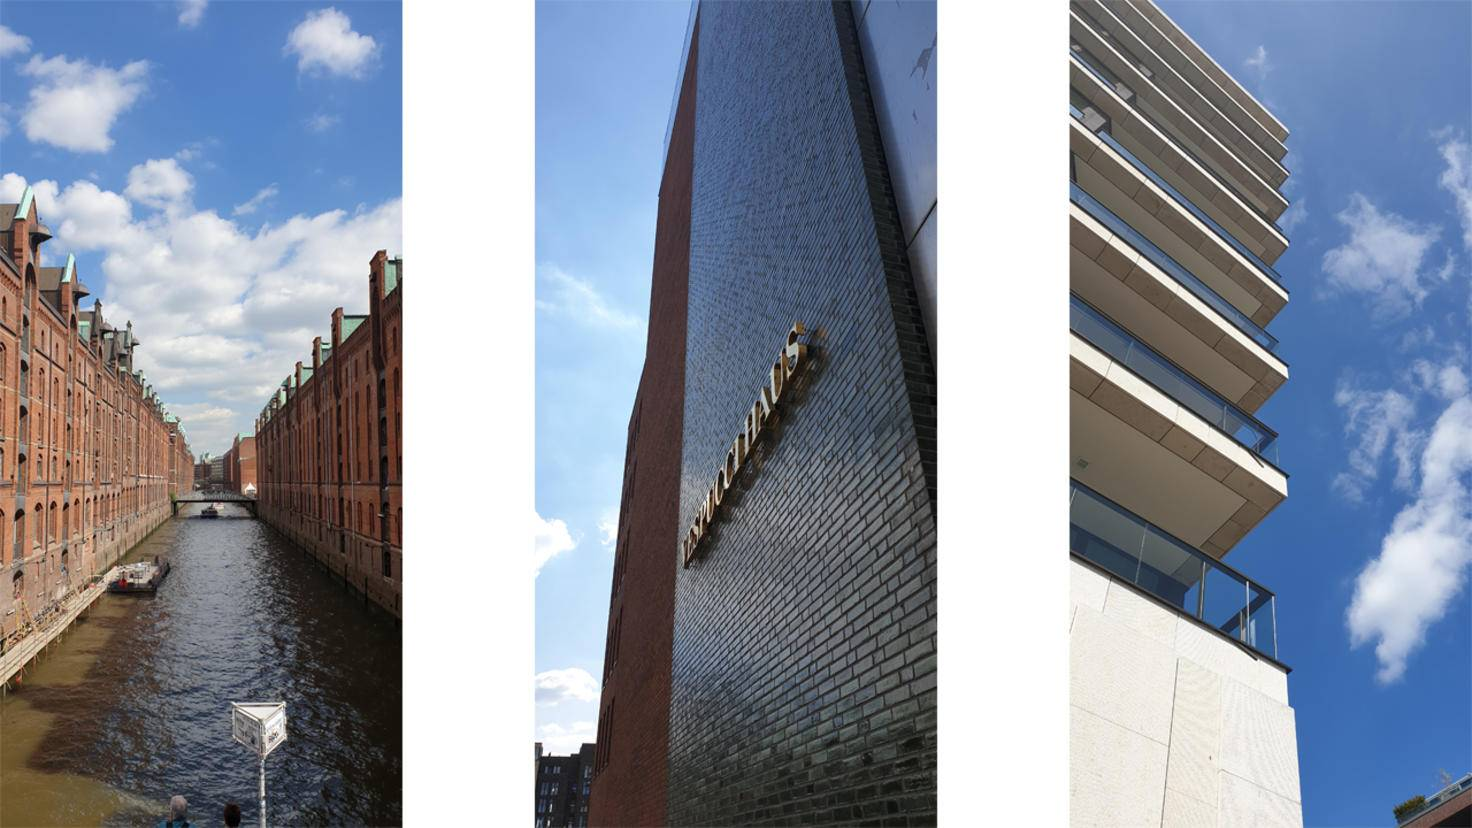 ... zum Beispiel Architektur, ...